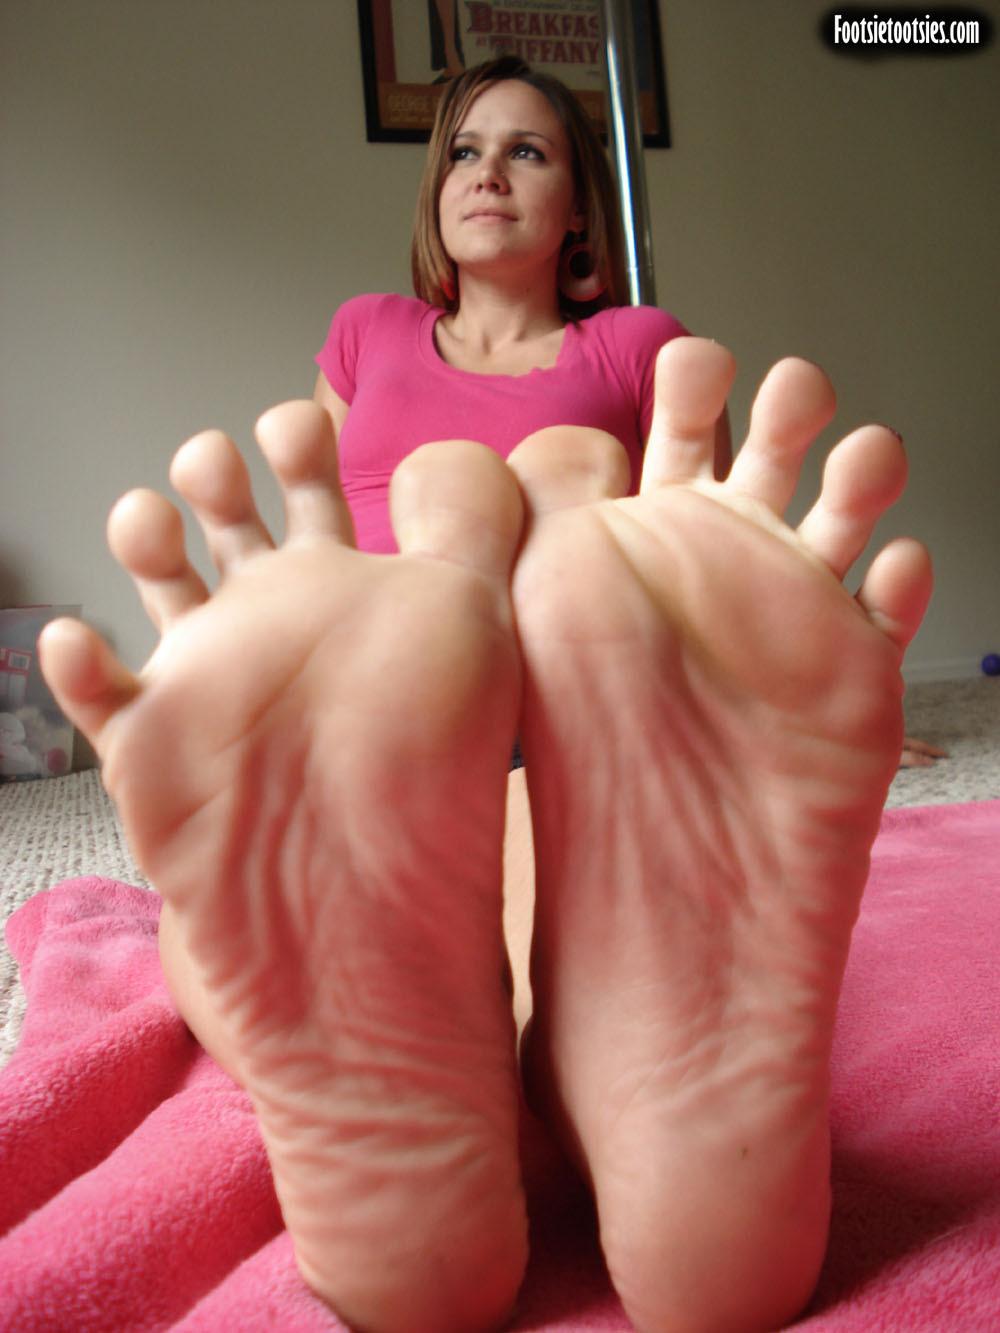 Tootsies foot fetish